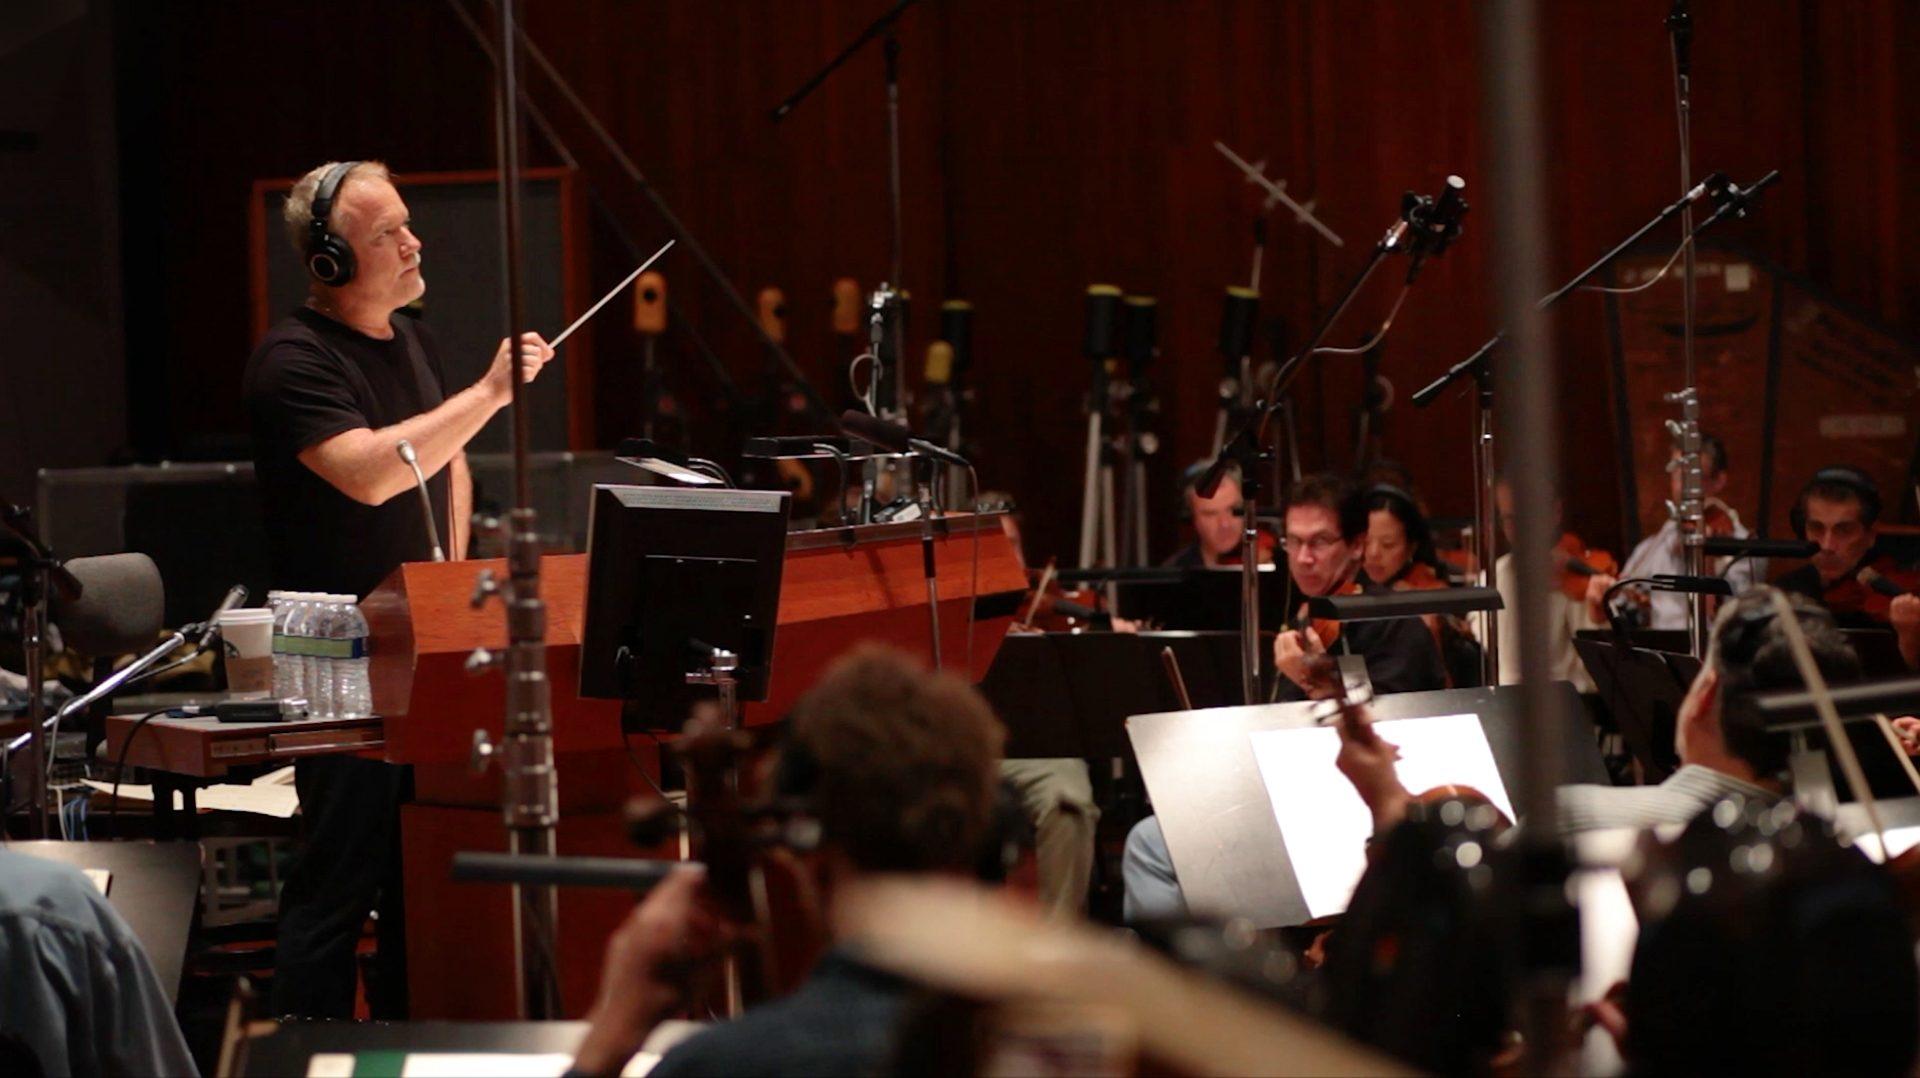 موسیقی فیلم: انواع، تاریخچه و مراحل ساخت